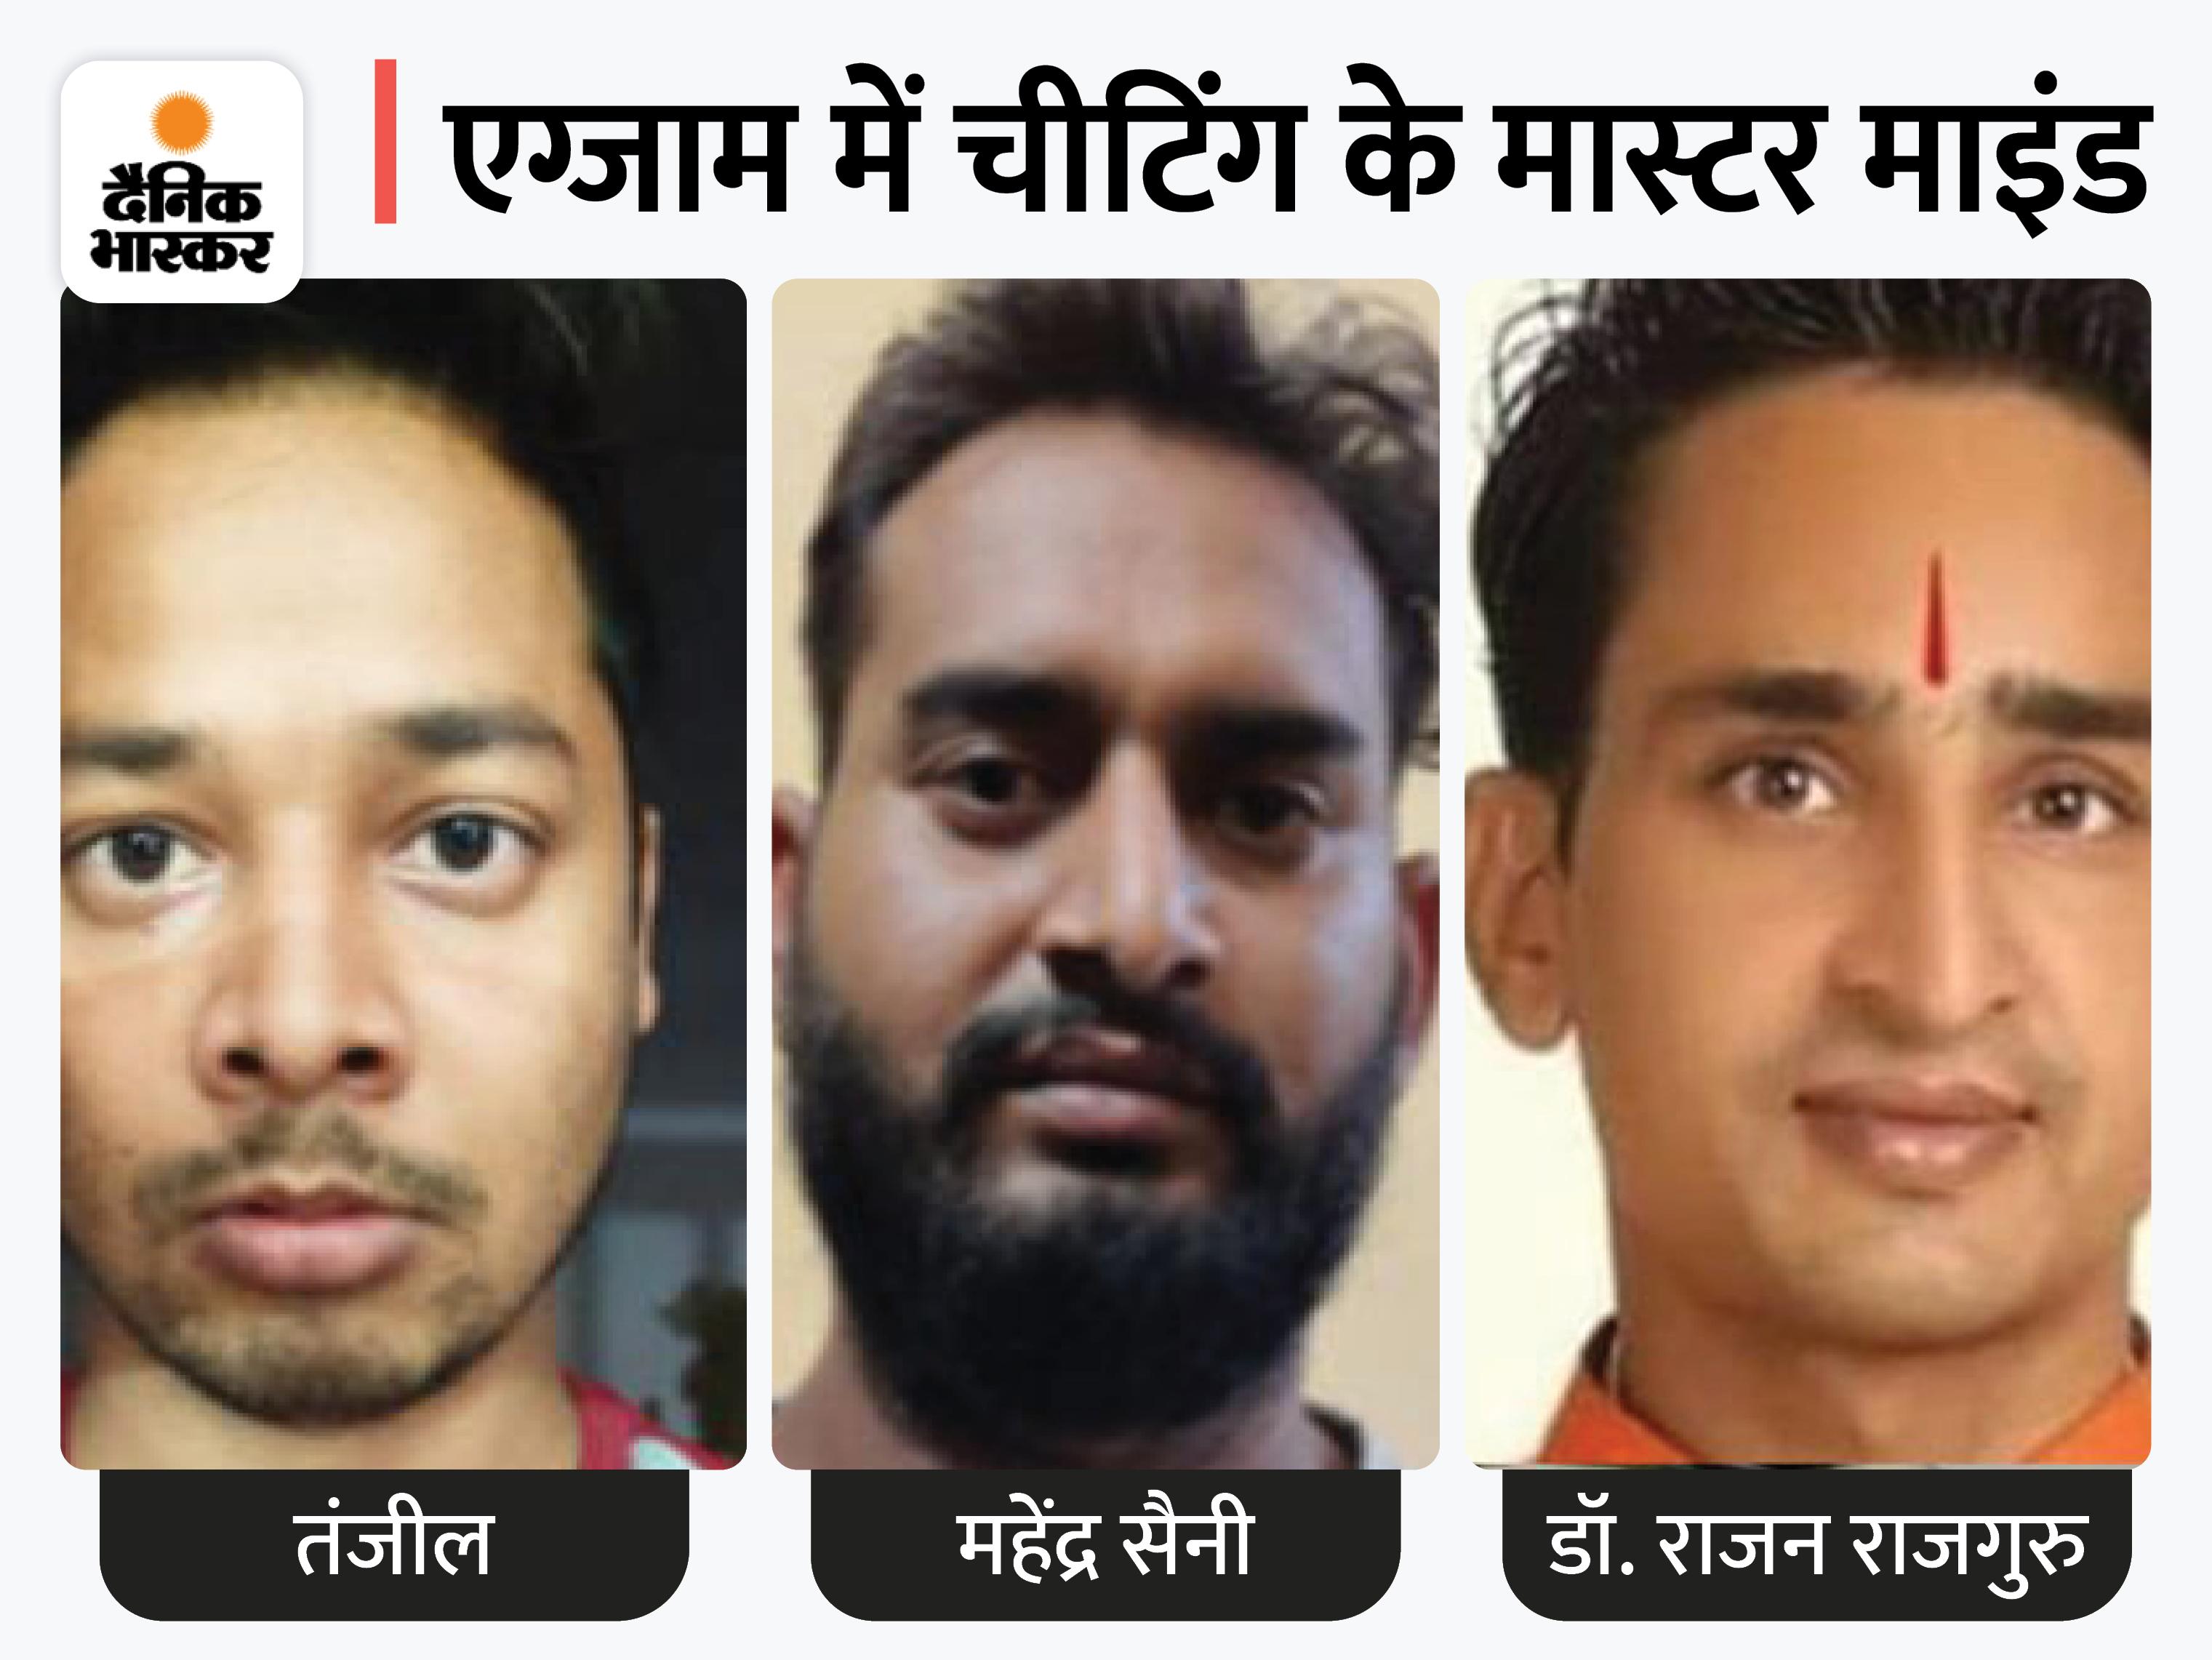 राजस्थान की गैंग UP में तैयार करवाती थी स्टूडेंट्स की फोटोज, चकमा देने के लिए असली और फर्जी अभ्यर्थी की फोटो की जाती थी मिक्स|जयपुर,Jaipur - Dainik Bhaskar